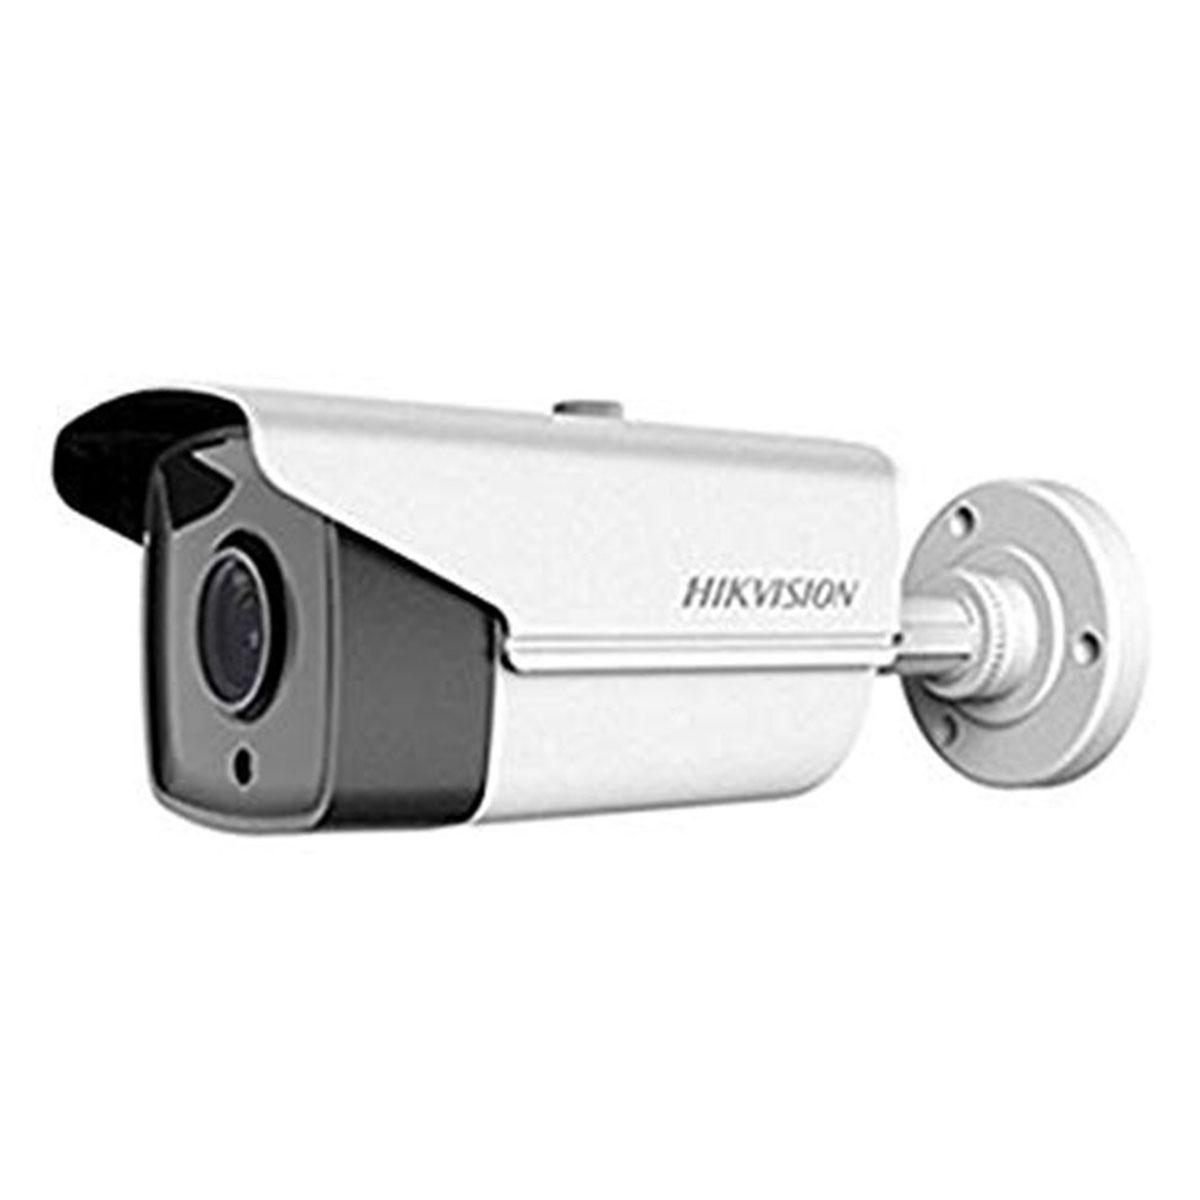 Cámara Hikvision DS-2CE16C0T-IT3F 1MP Tipo Bullet